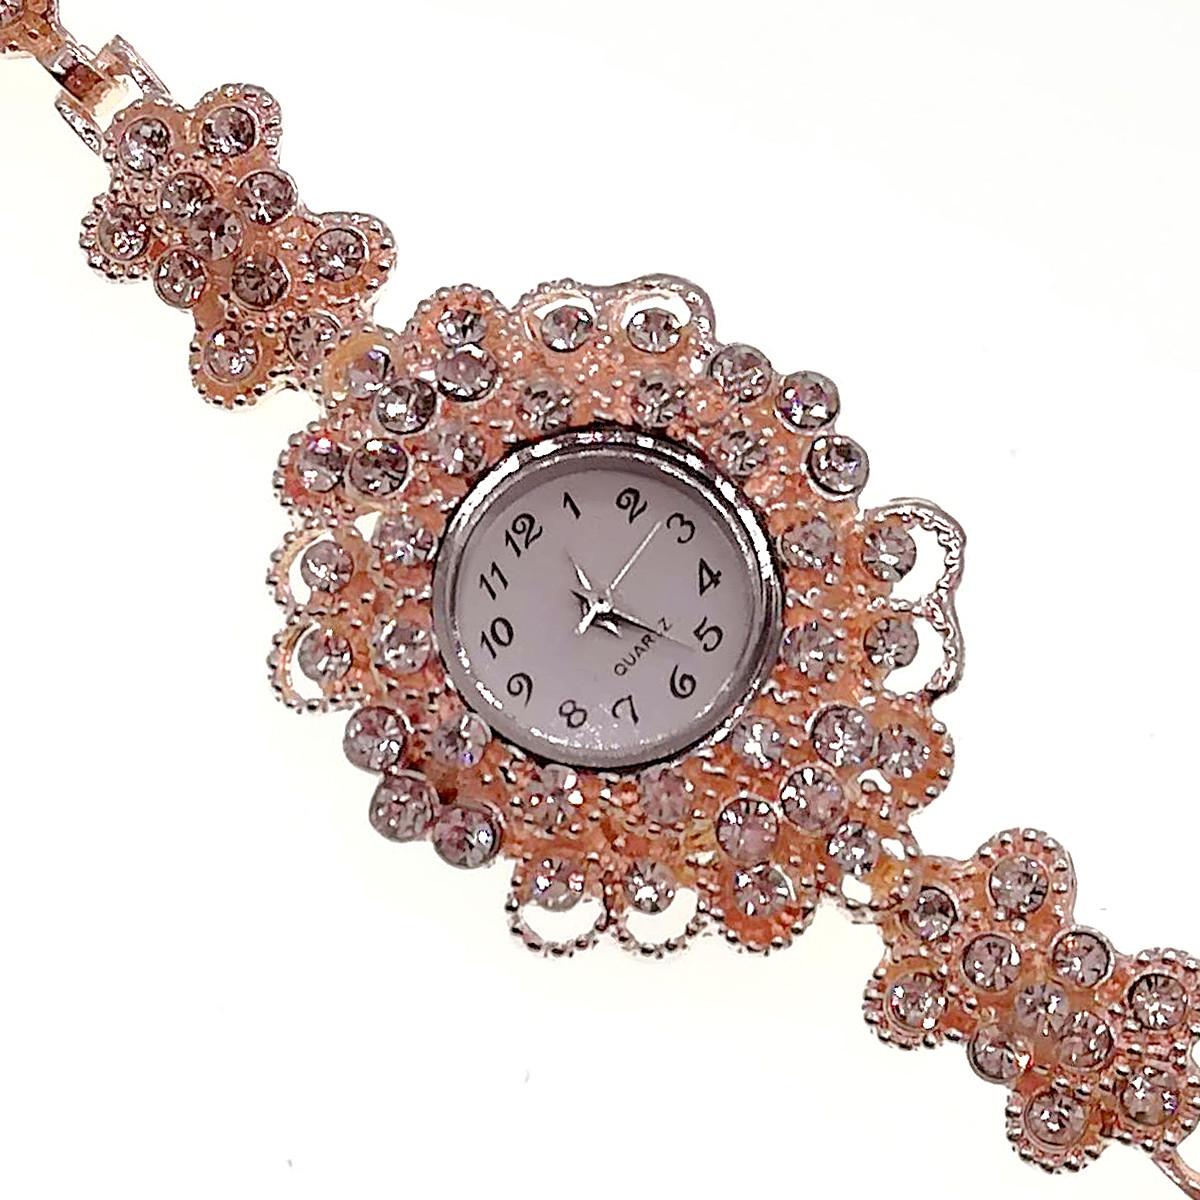 Кварцевые часы SONATA, белые фианиты, позолота РО, 95996                         (1)